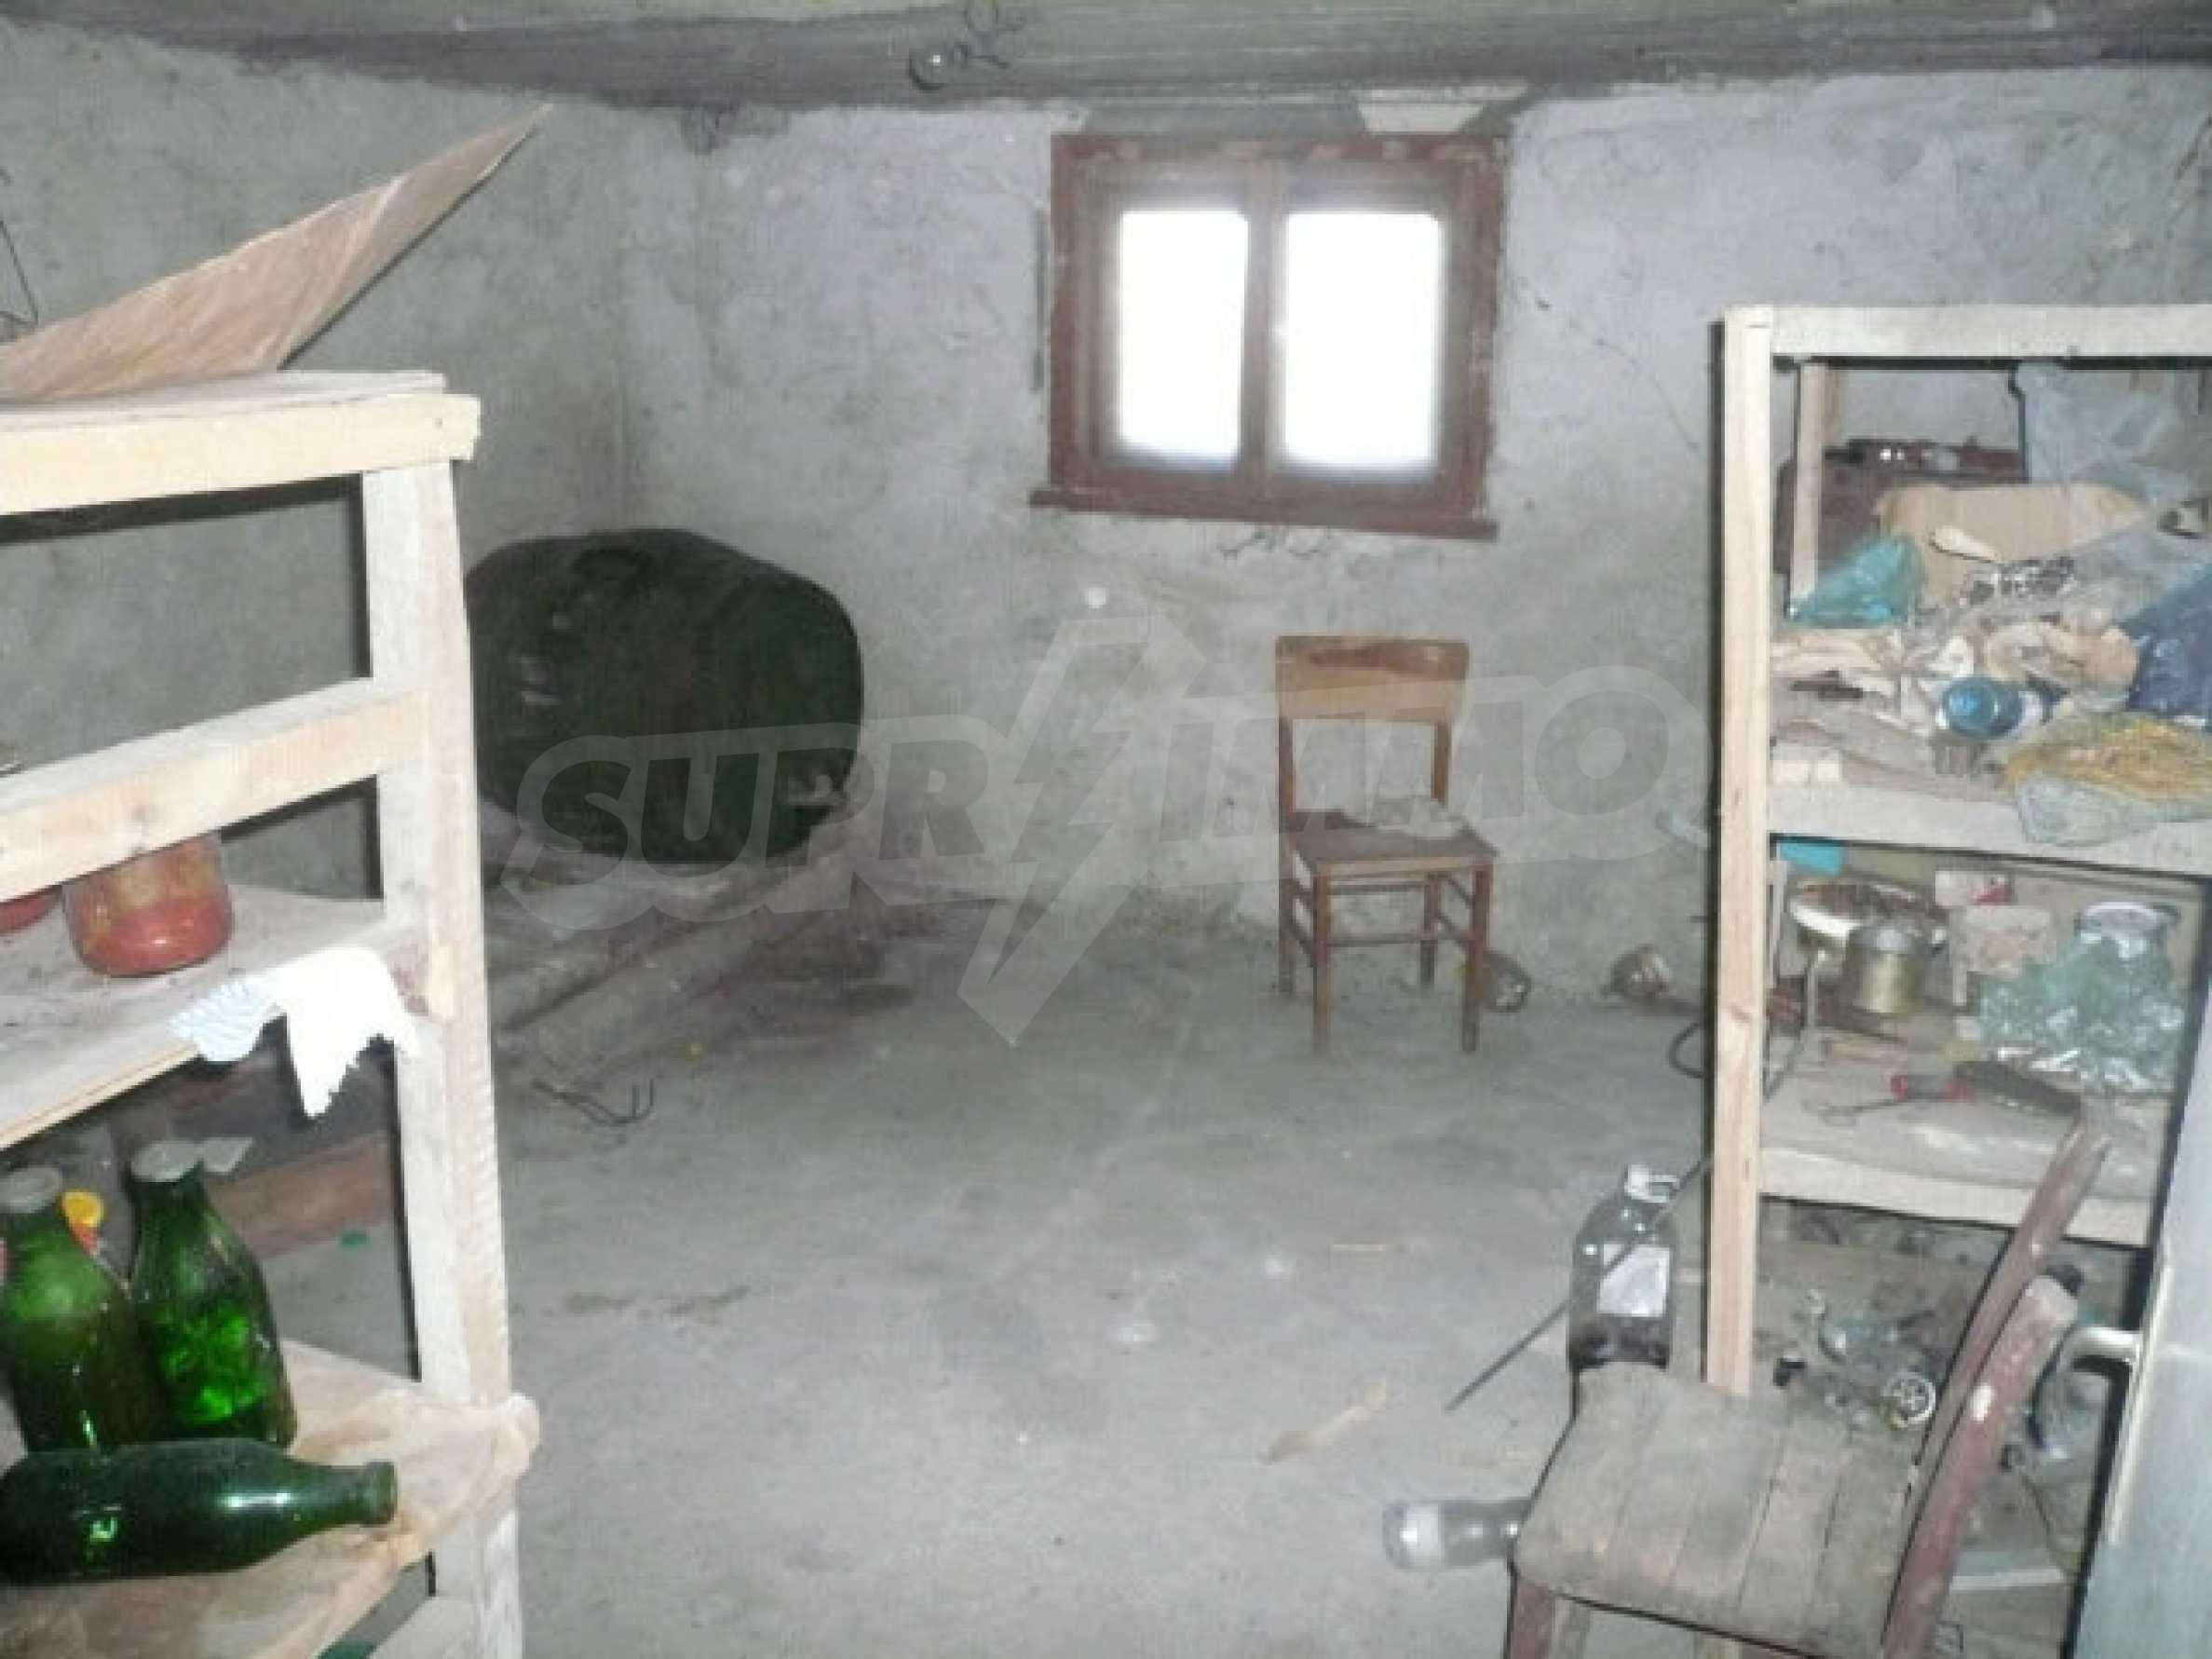 Haus zum Verkauf in der Nähe von Vidin, Bulgarien 25